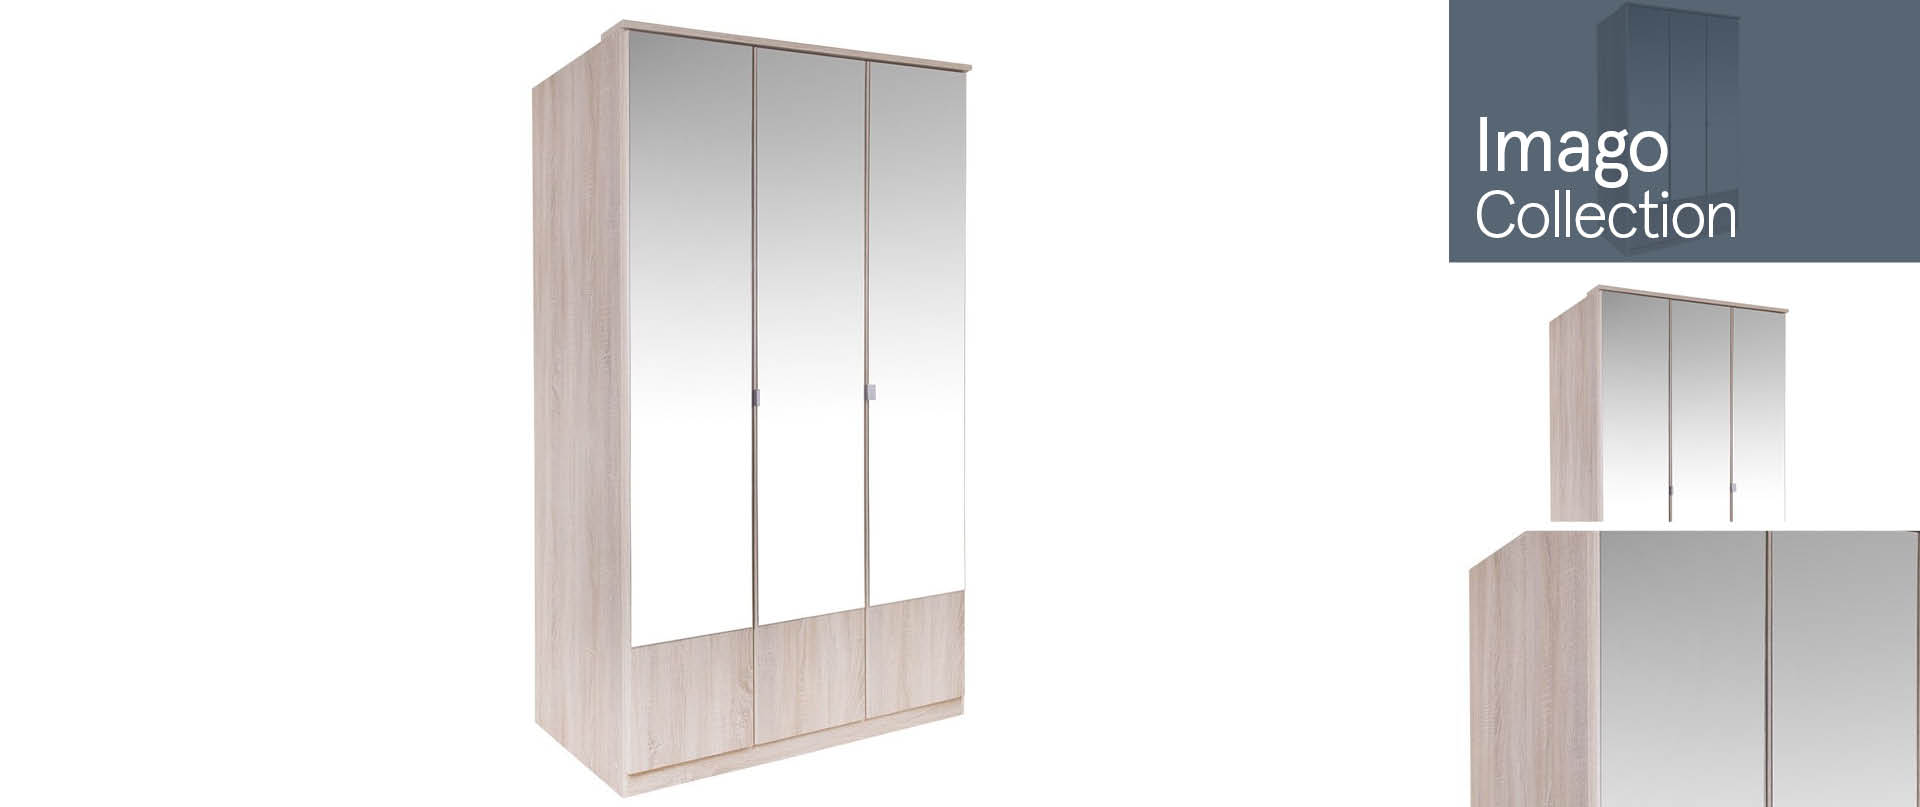 Imago Bedroom Furniture Ranges